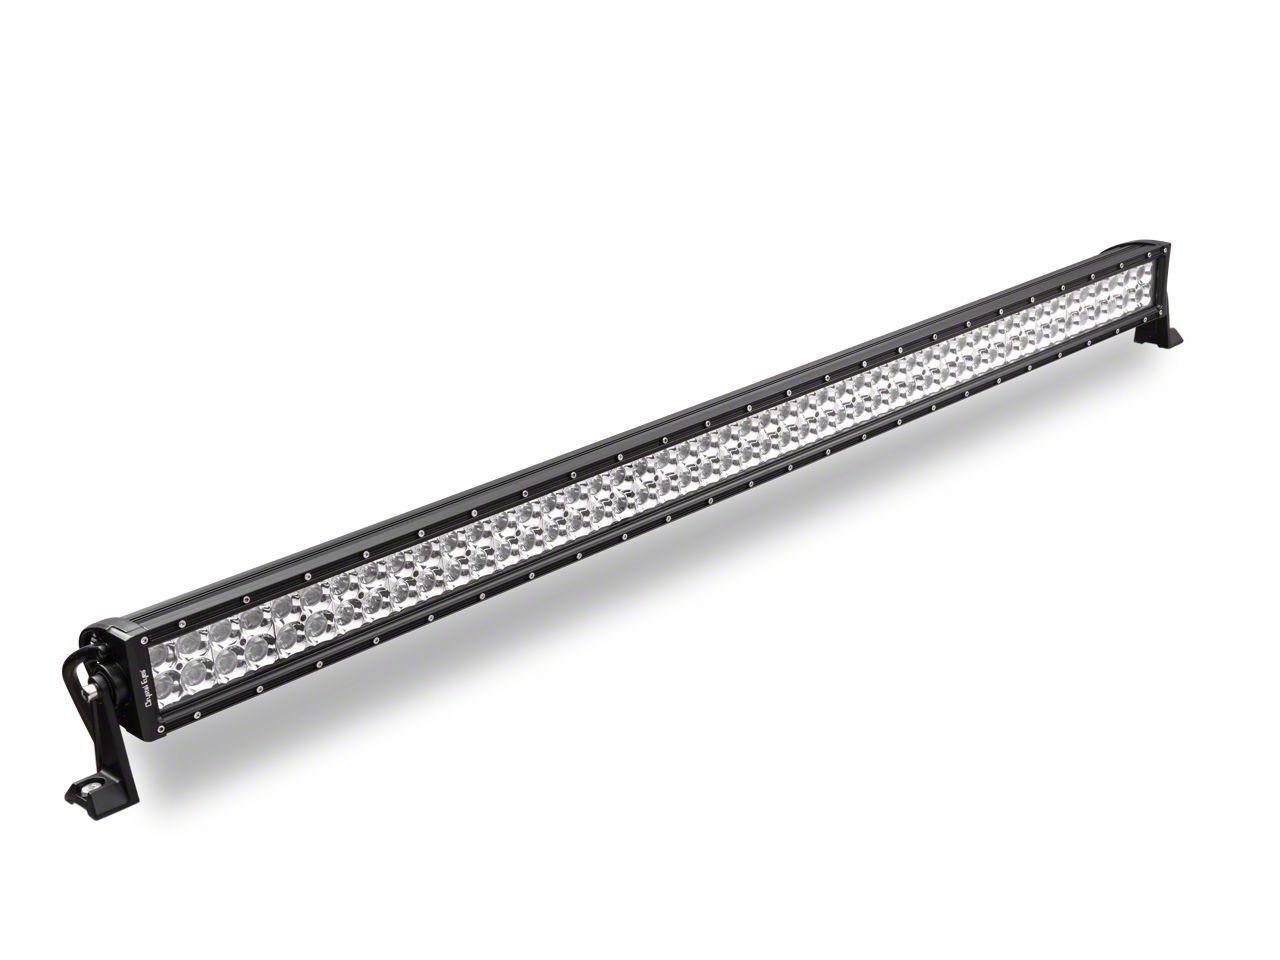 Alteon 50 in. 11 Series LED Light Bar - 30 Degree Flood Beam